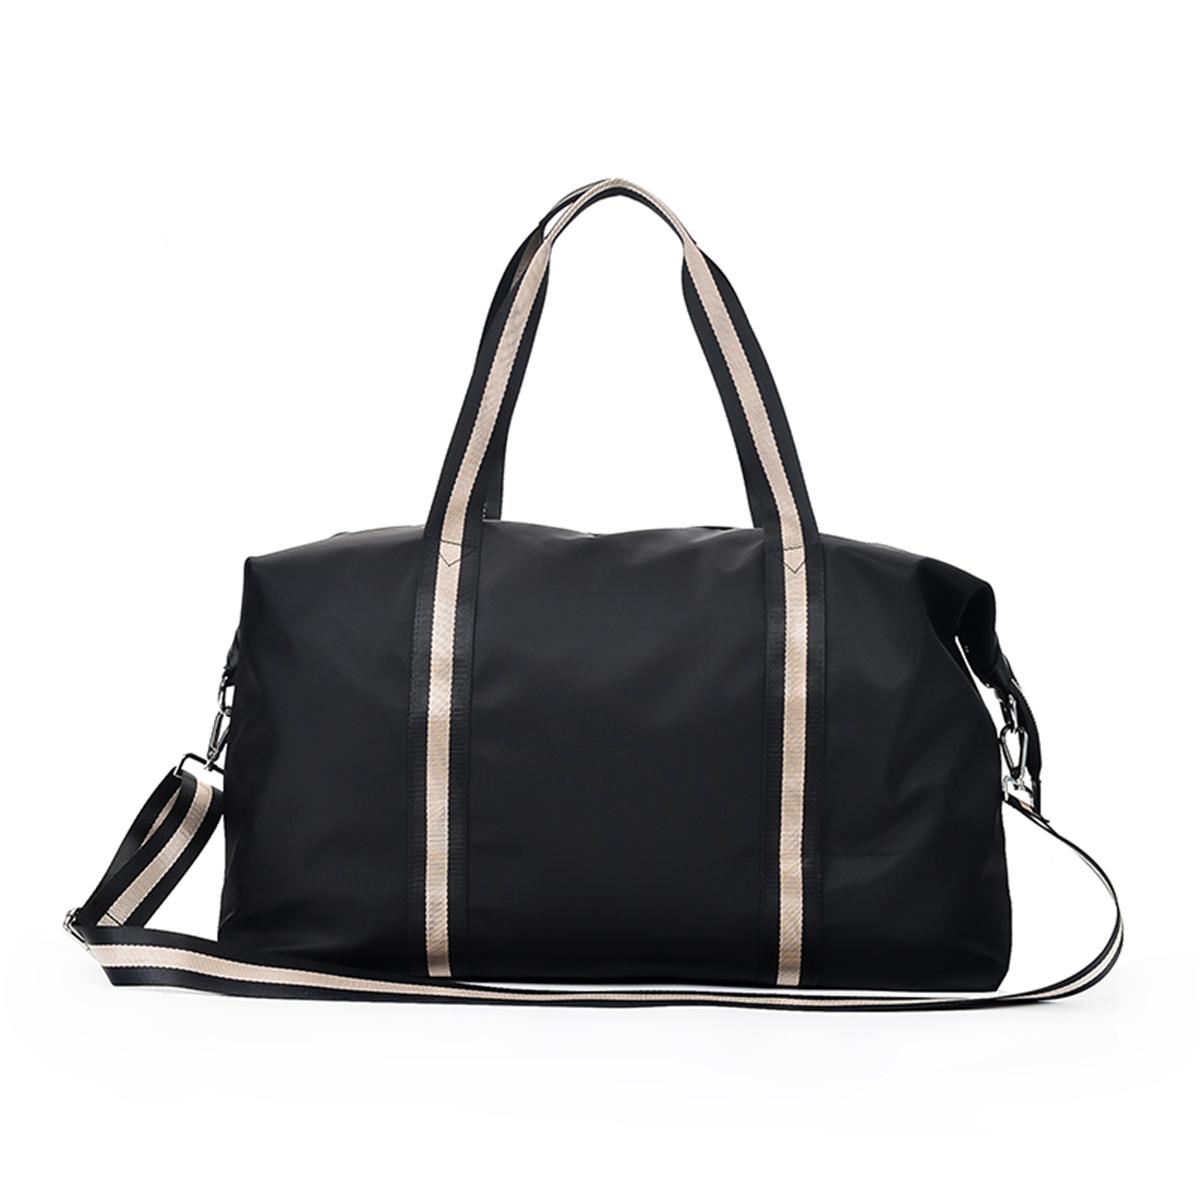 21 дюймов Nylon Хранение Сумки Сумка для путешествий сумка Кемпинг Плечо Сумка Складная упаковка Багаж